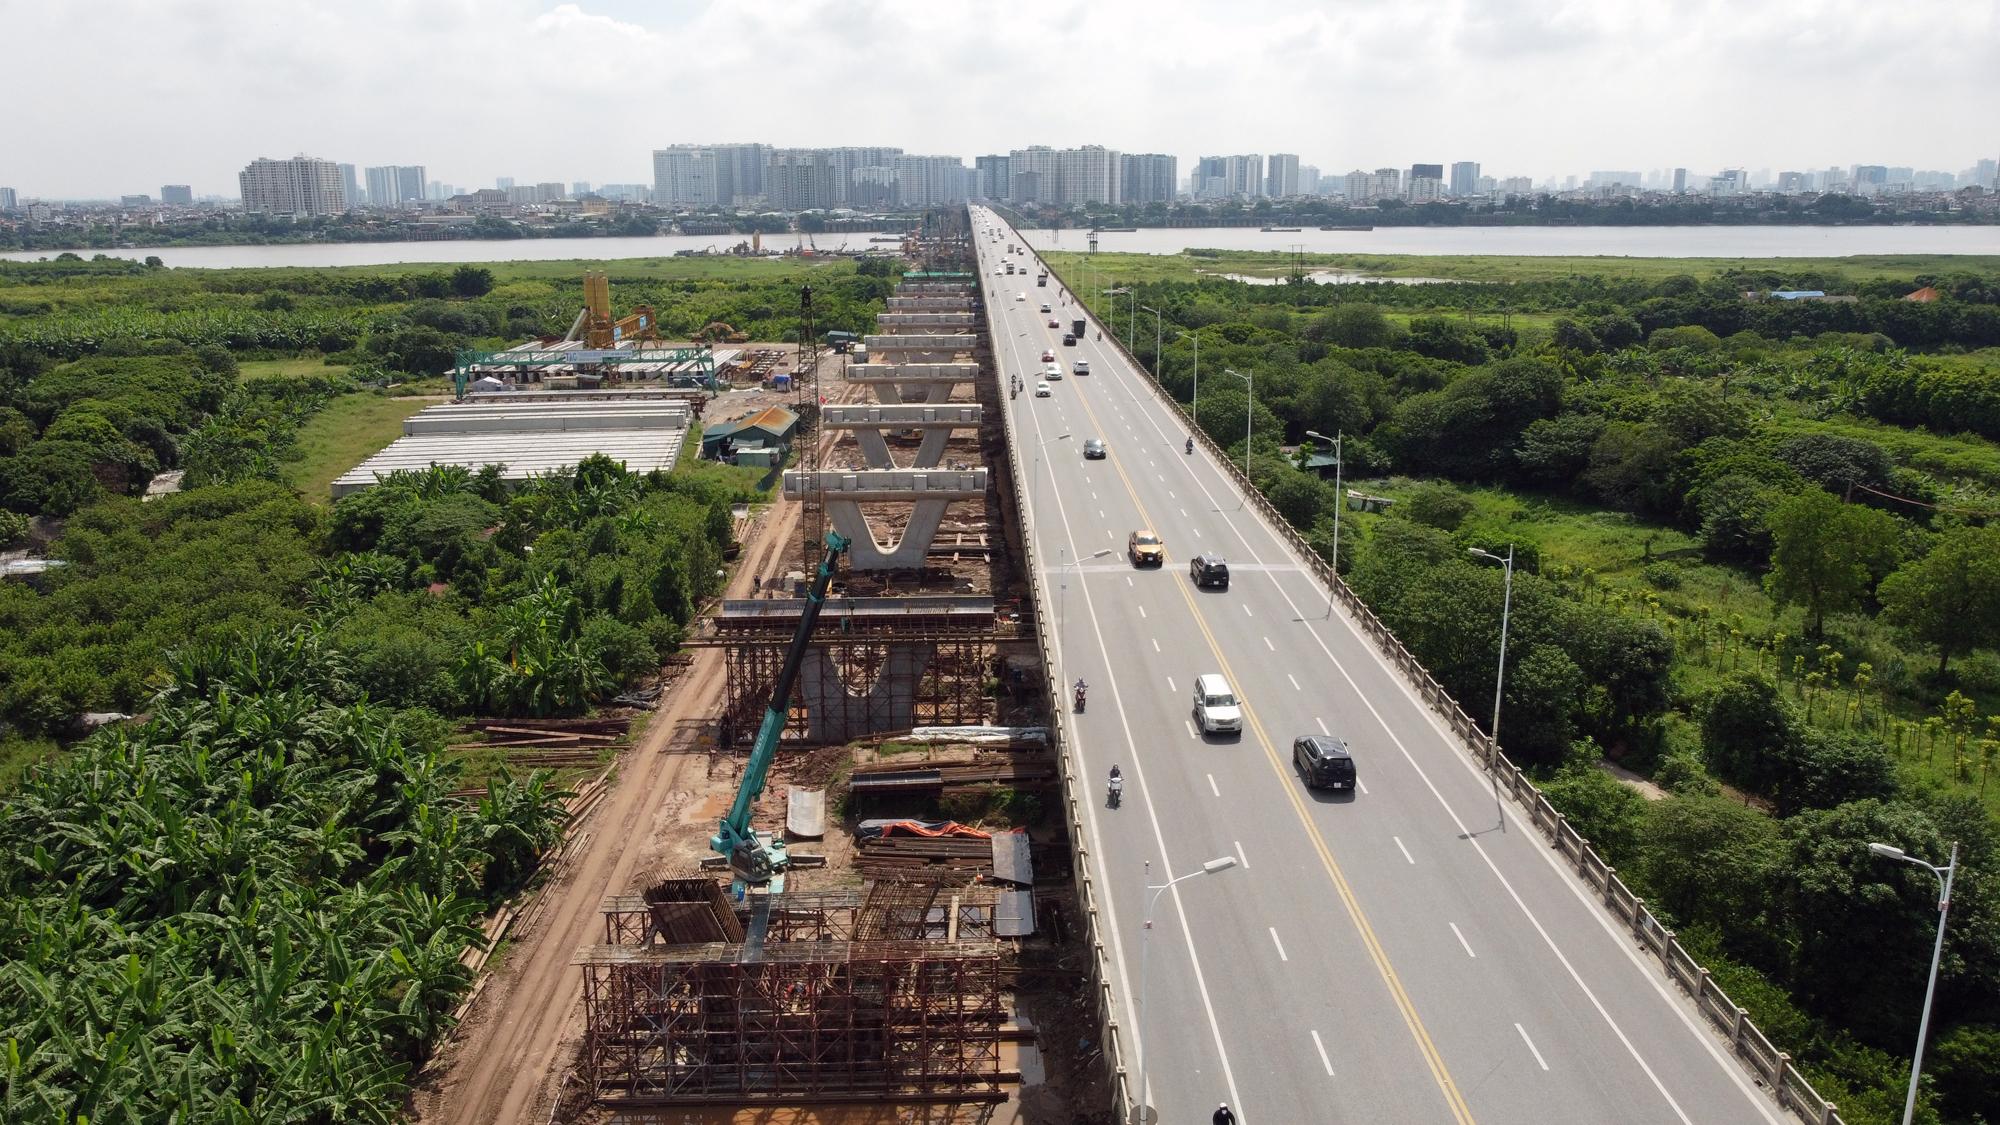 Hình ảnh dự án giao thông trọng điểm của Hà Nội thi công khi giãn cách xã hội - Ảnh 2.